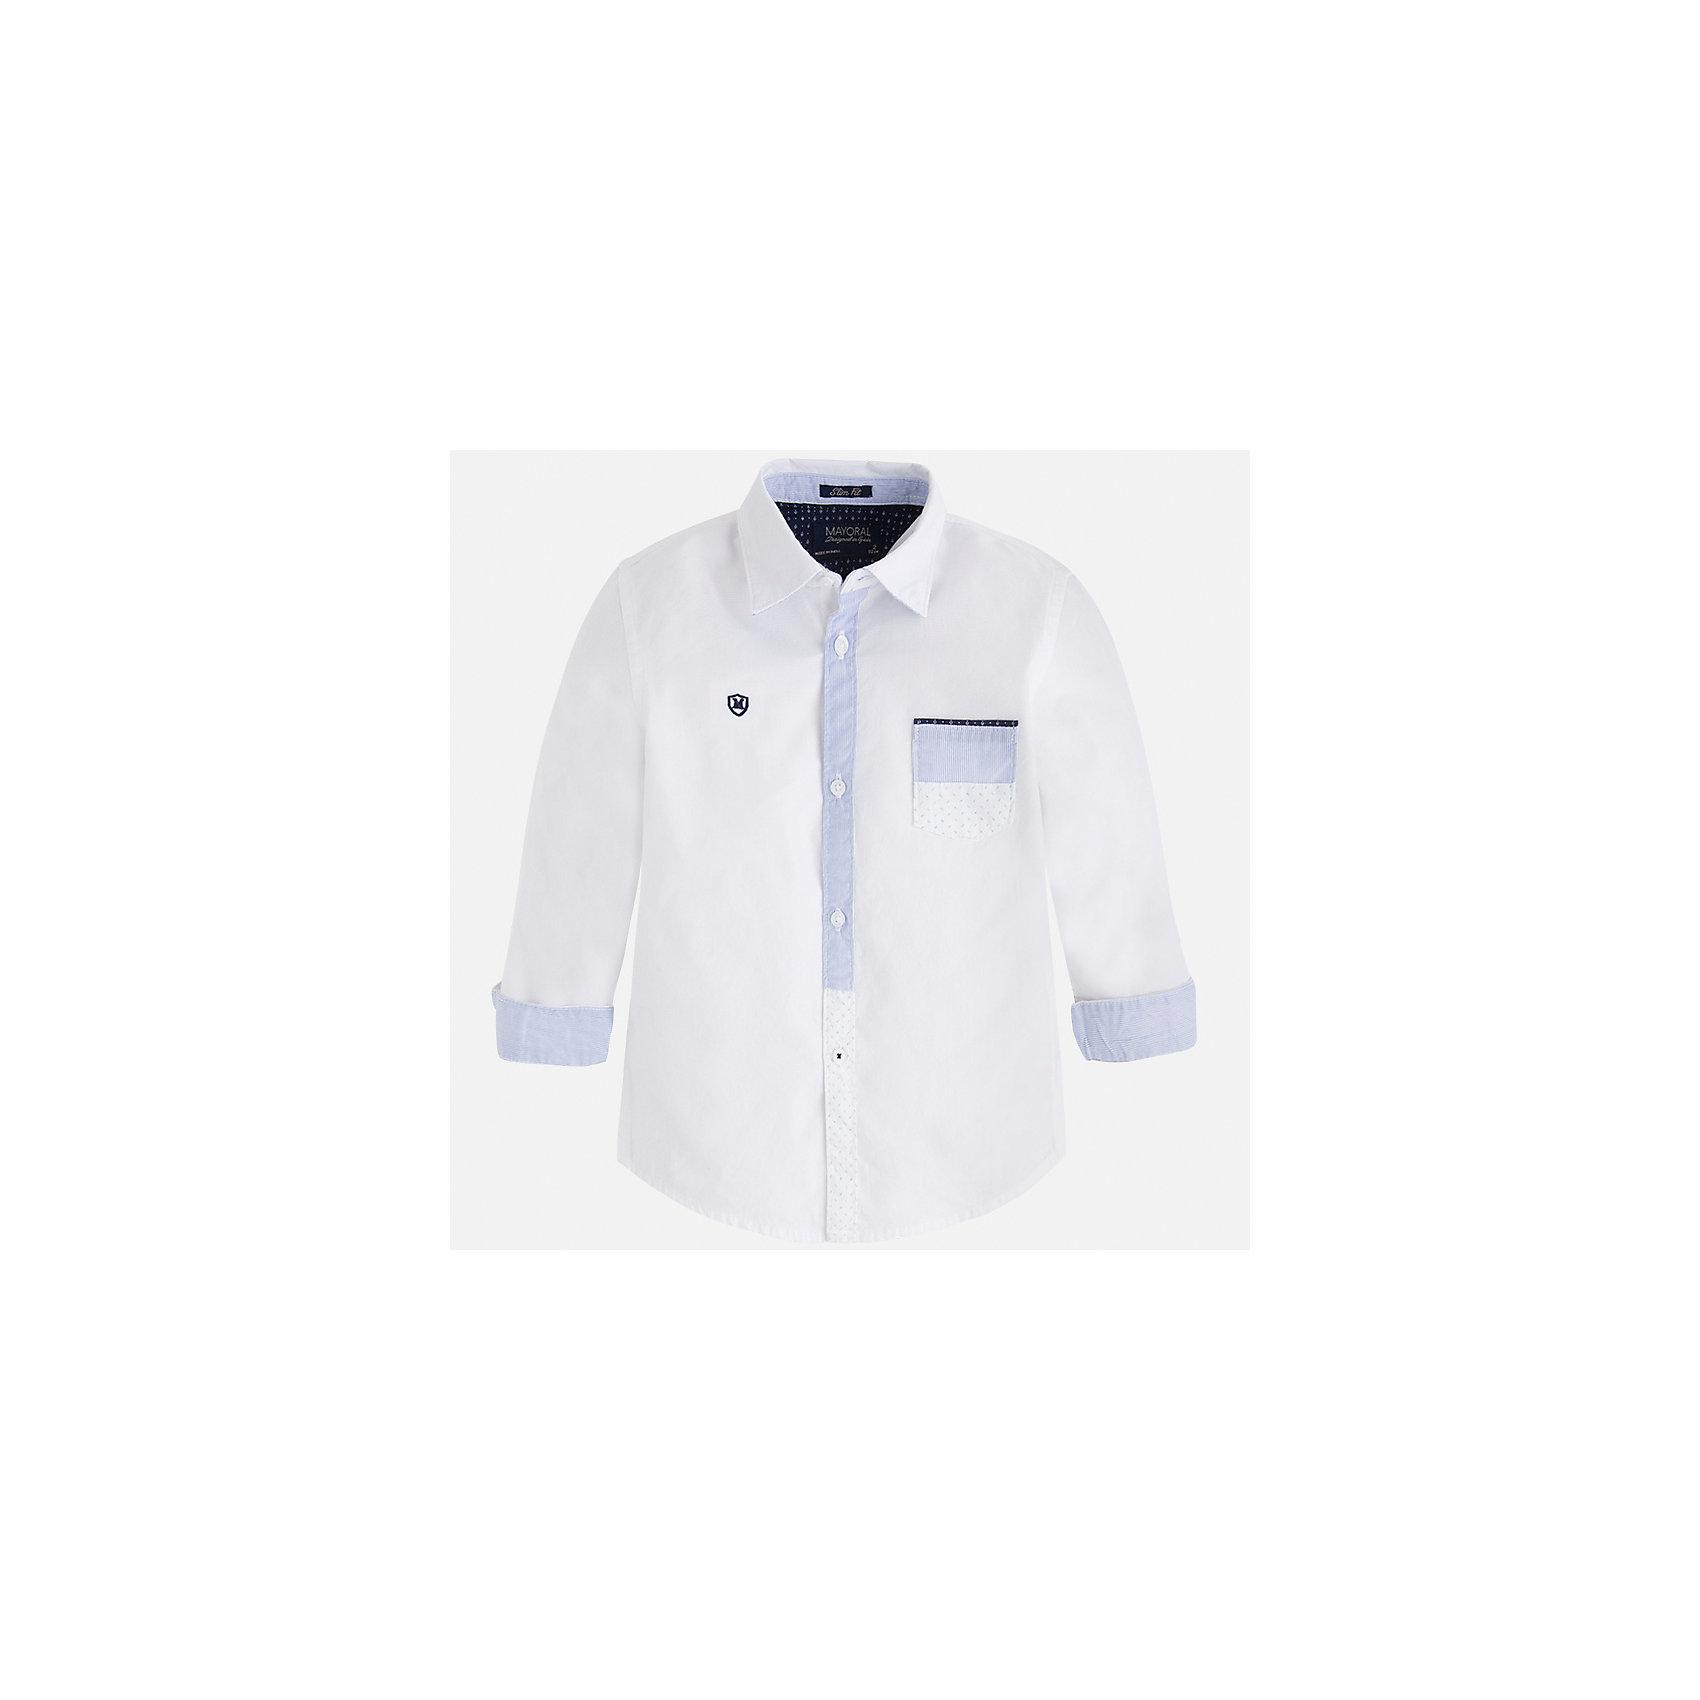 Рубашка для мальчика MayoralБлузки и рубашки<br>Характеристики товара:<br><br>• цвет: белый<br>• состав: 100% хлопок<br>• отложной воротник<br>• рукава с отворотами<br>• застежка: пуговицы<br>• карман на груди<br>• страна бренда: Испания<br><br>Удобная модная рубашка-поло для мальчика может стать базовой вещью в гардеробе ребенка. Она отлично сочетается с брюками, шортами, джинсами и т.д. Универсальный крой и цвет позволяет подобрать к вещи низ разных расцветок. Практичное и стильное изделие! В составе материала - только натуральный хлопок, гипоаллергенный, приятный на ощупь, дышащий.<br><br>Одежда, обувь и аксессуары от испанского бренда Mayoral полюбились детям и взрослым по всему миру. Модели этой марки - стильные и удобные. Для их производства используются только безопасные, качественные материалы и фурнитура. Порадуйте ребенка модными и красивыми вещами от Mayoral! <br><br>Рубашку-поло для мальчика от испанского бренда Mayoral (Майорал) можно купить в нашем интернет-магазине.<br><br>Ширина мм: 174<br>Глубина мм: 10<br>Высота мм: 169<br>Вес г: 157<br>Цвет: белый<br>Возраст от месяцев: 72<br>Возраст до месяцев: 84<br>Пол: Мужской<br>Возраст: Детский<br>Размер: 122,128,134,116,110,104,98,92<br>SKU: 5272369